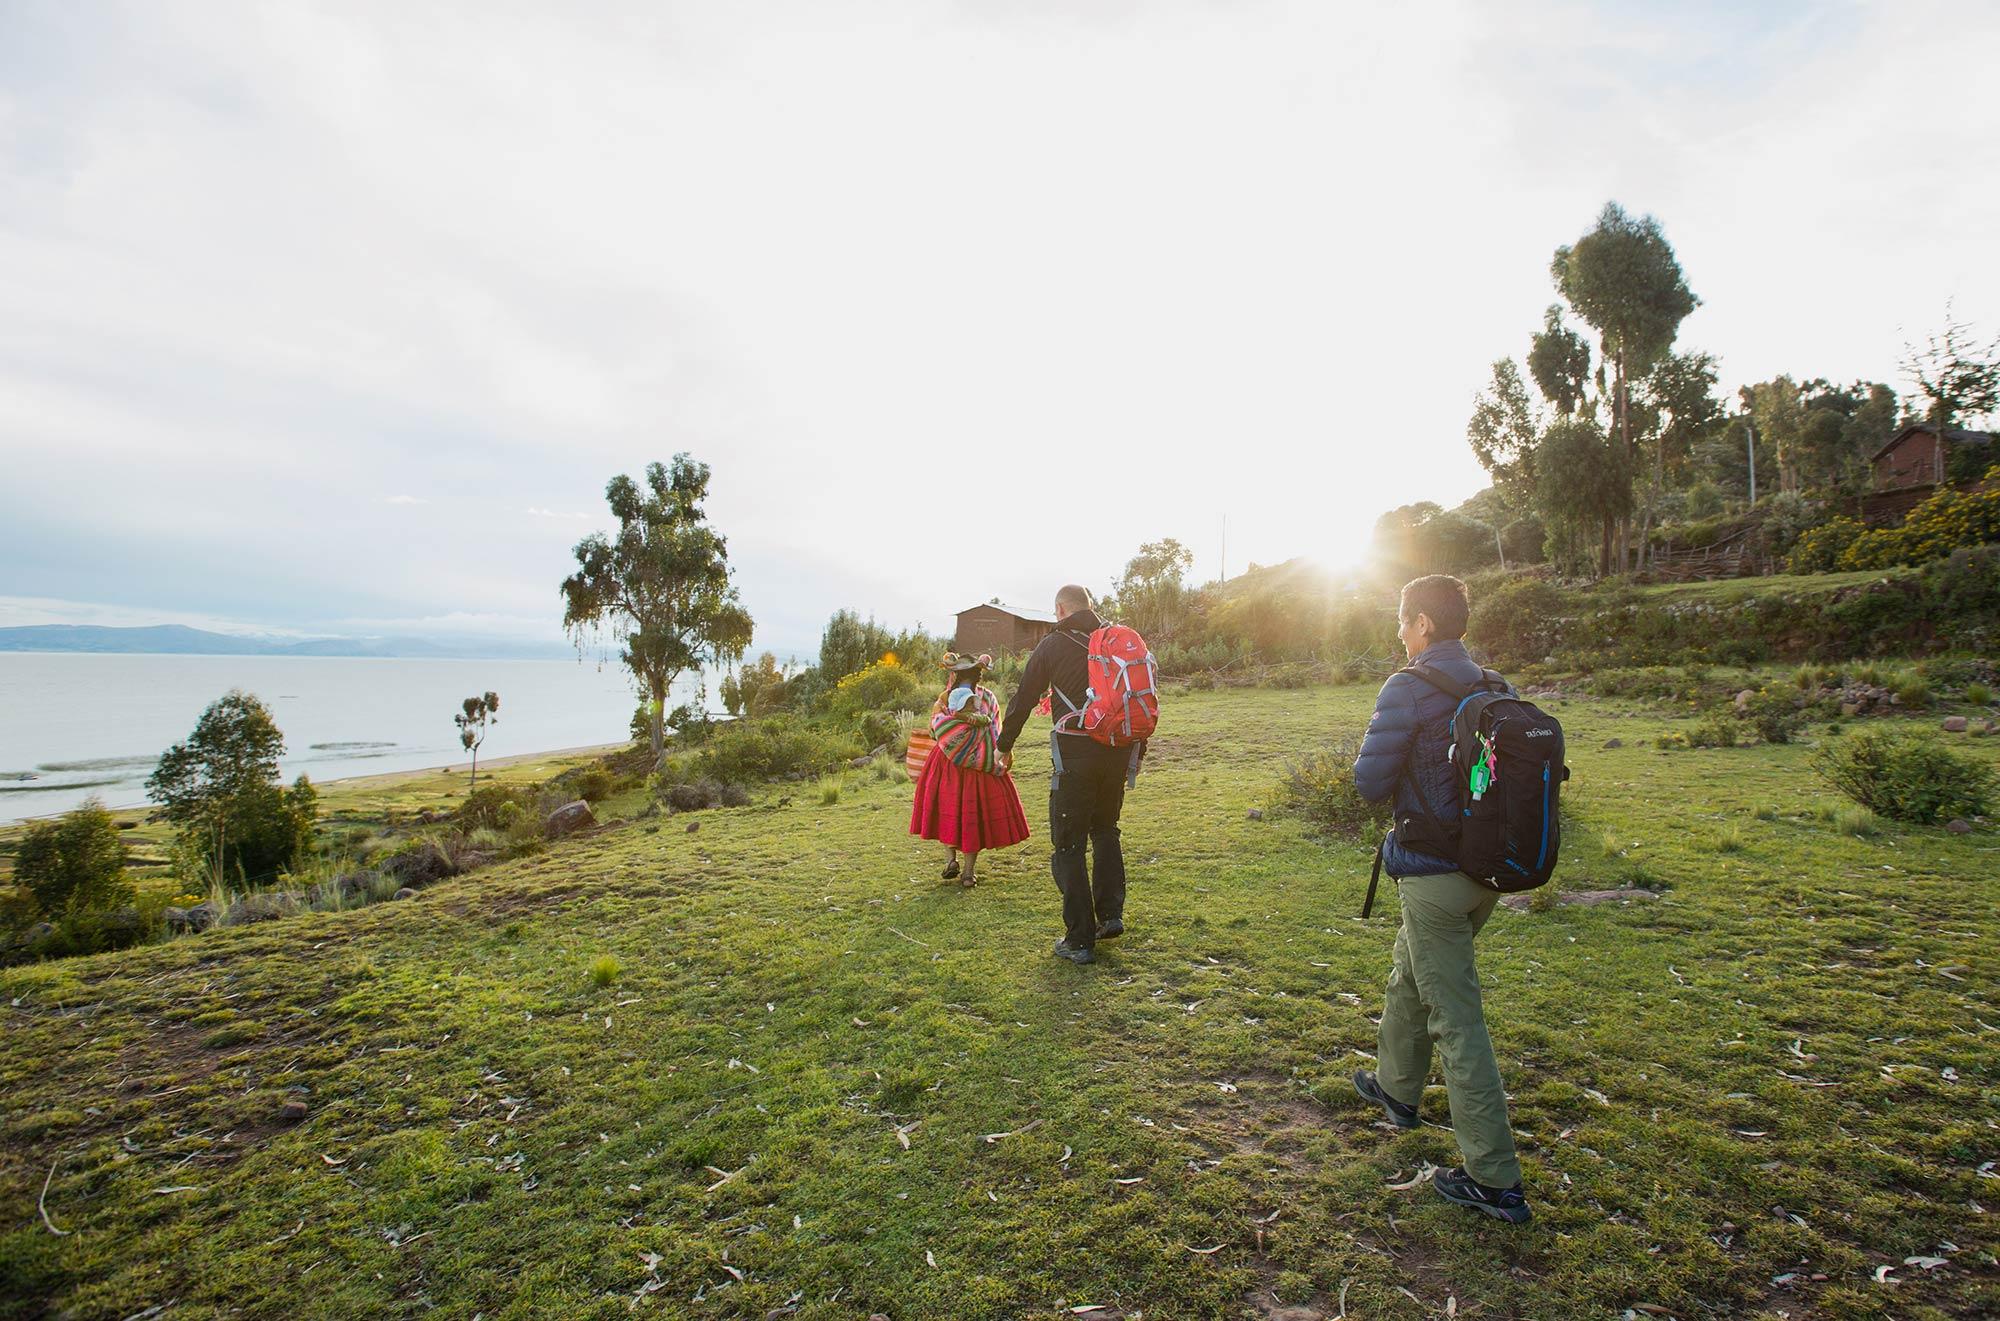 Reisende bei einer Gemeinde auf der Capachica Insel im Titicacasee